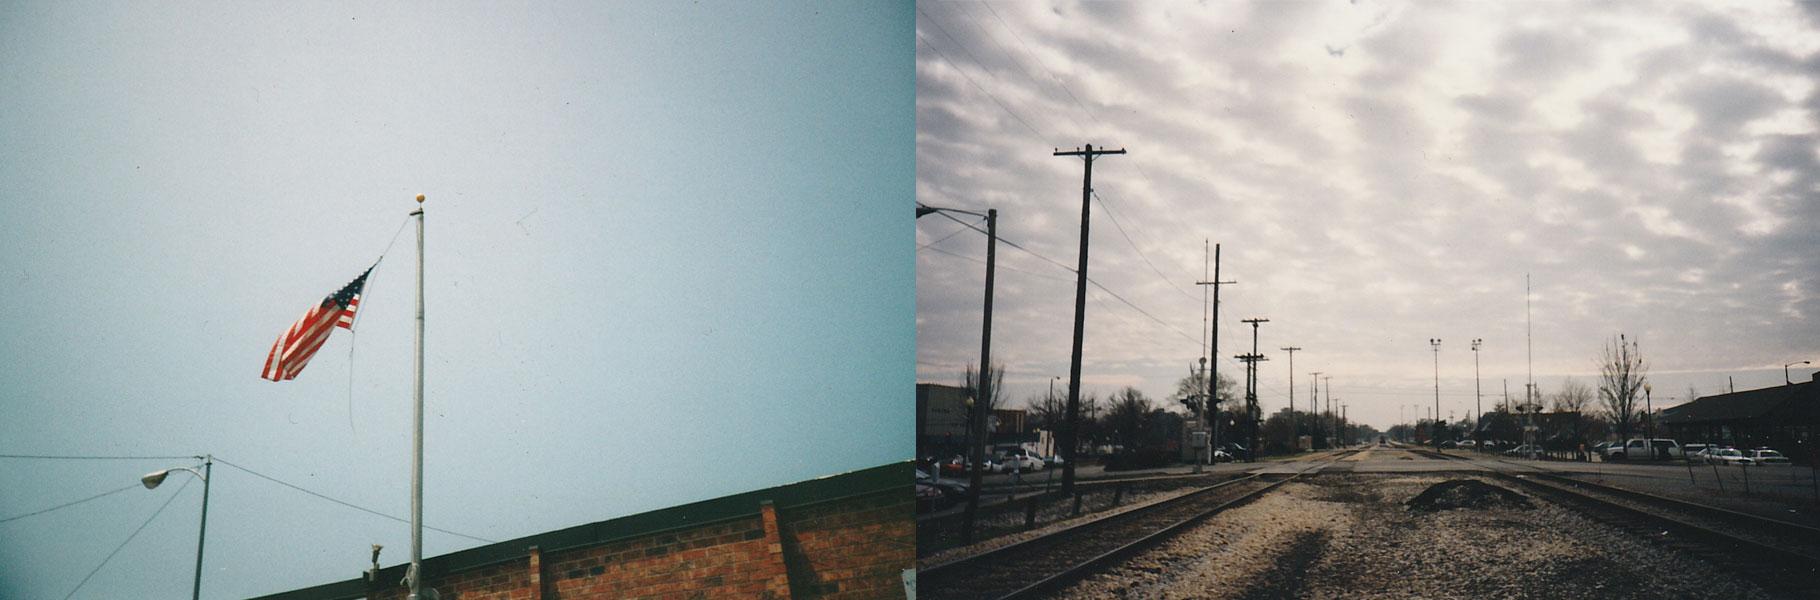 LOMO で撮影したアメリカの風景